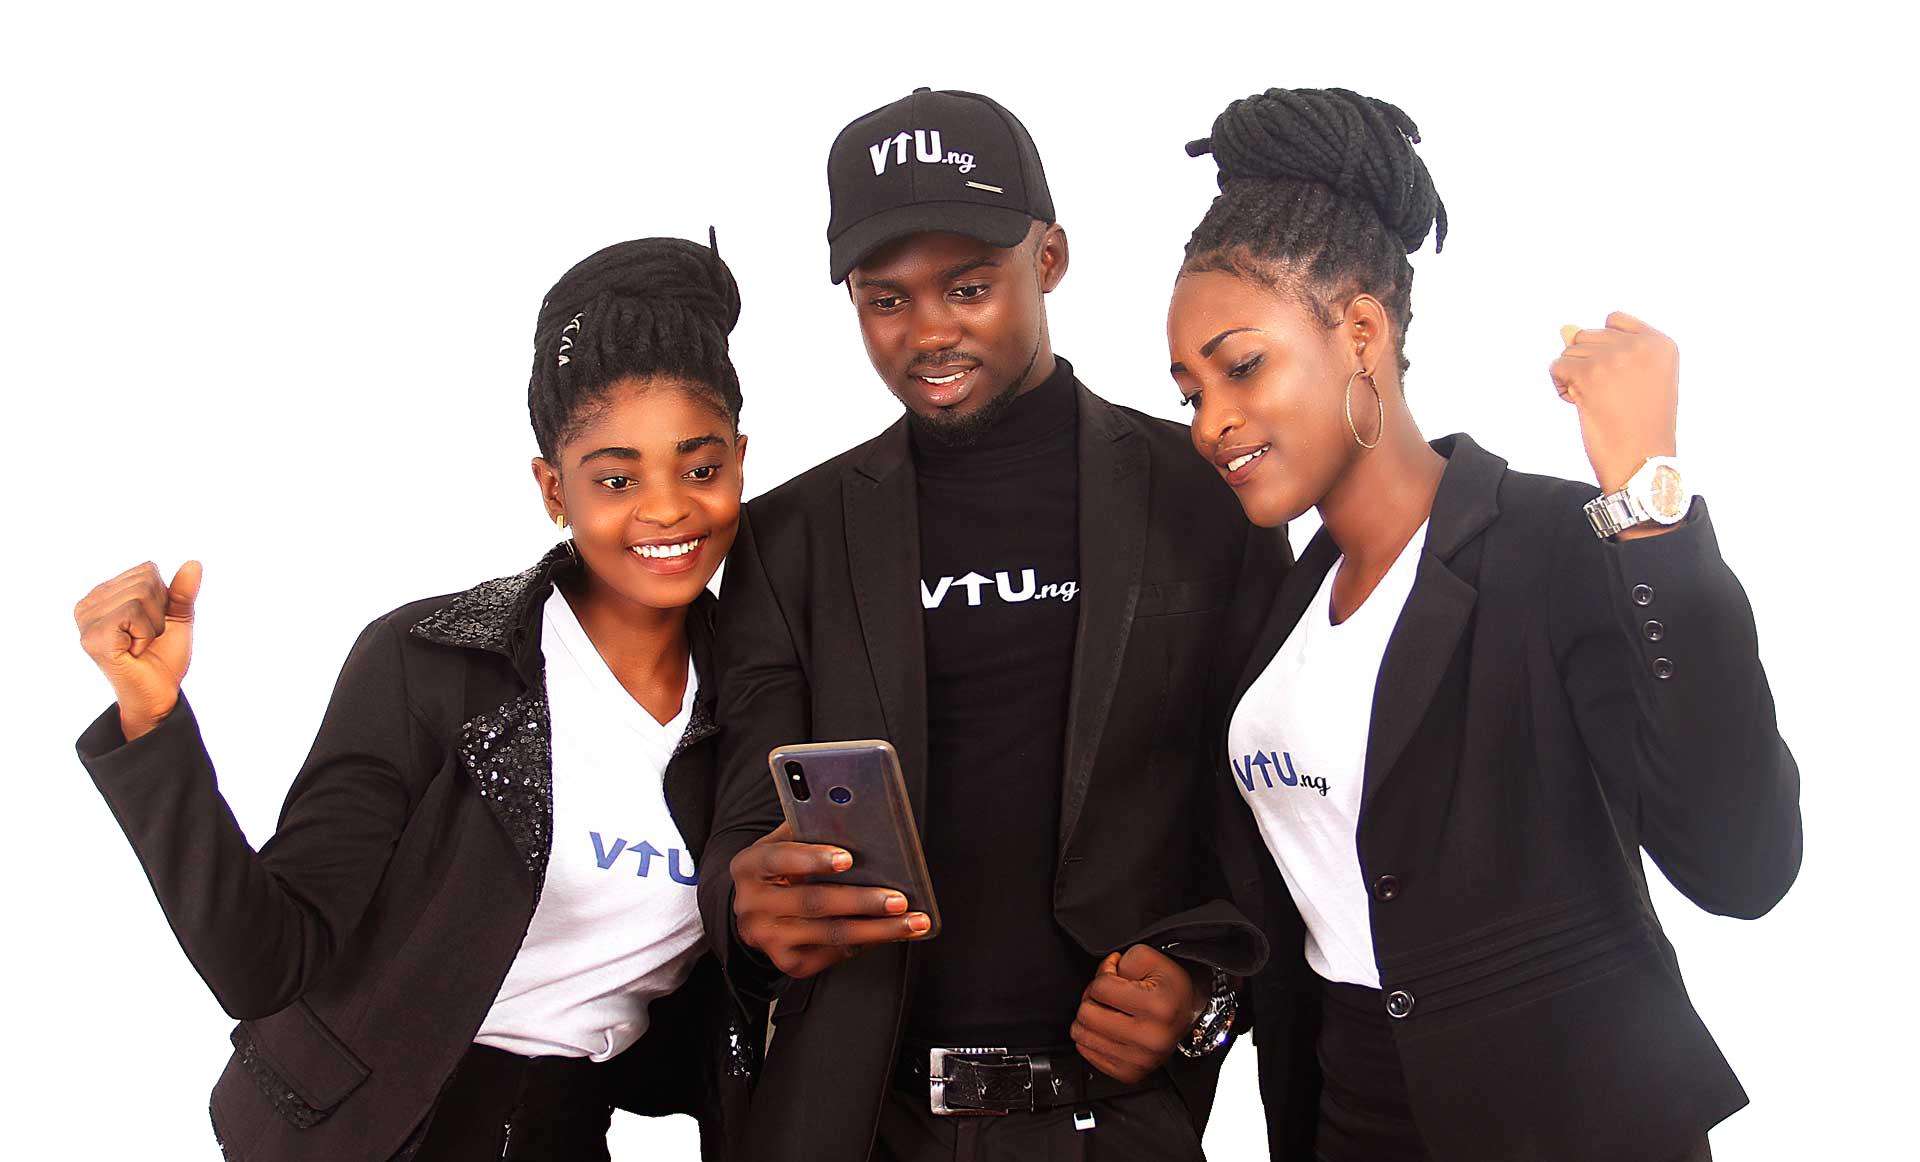 VTU.ng Team